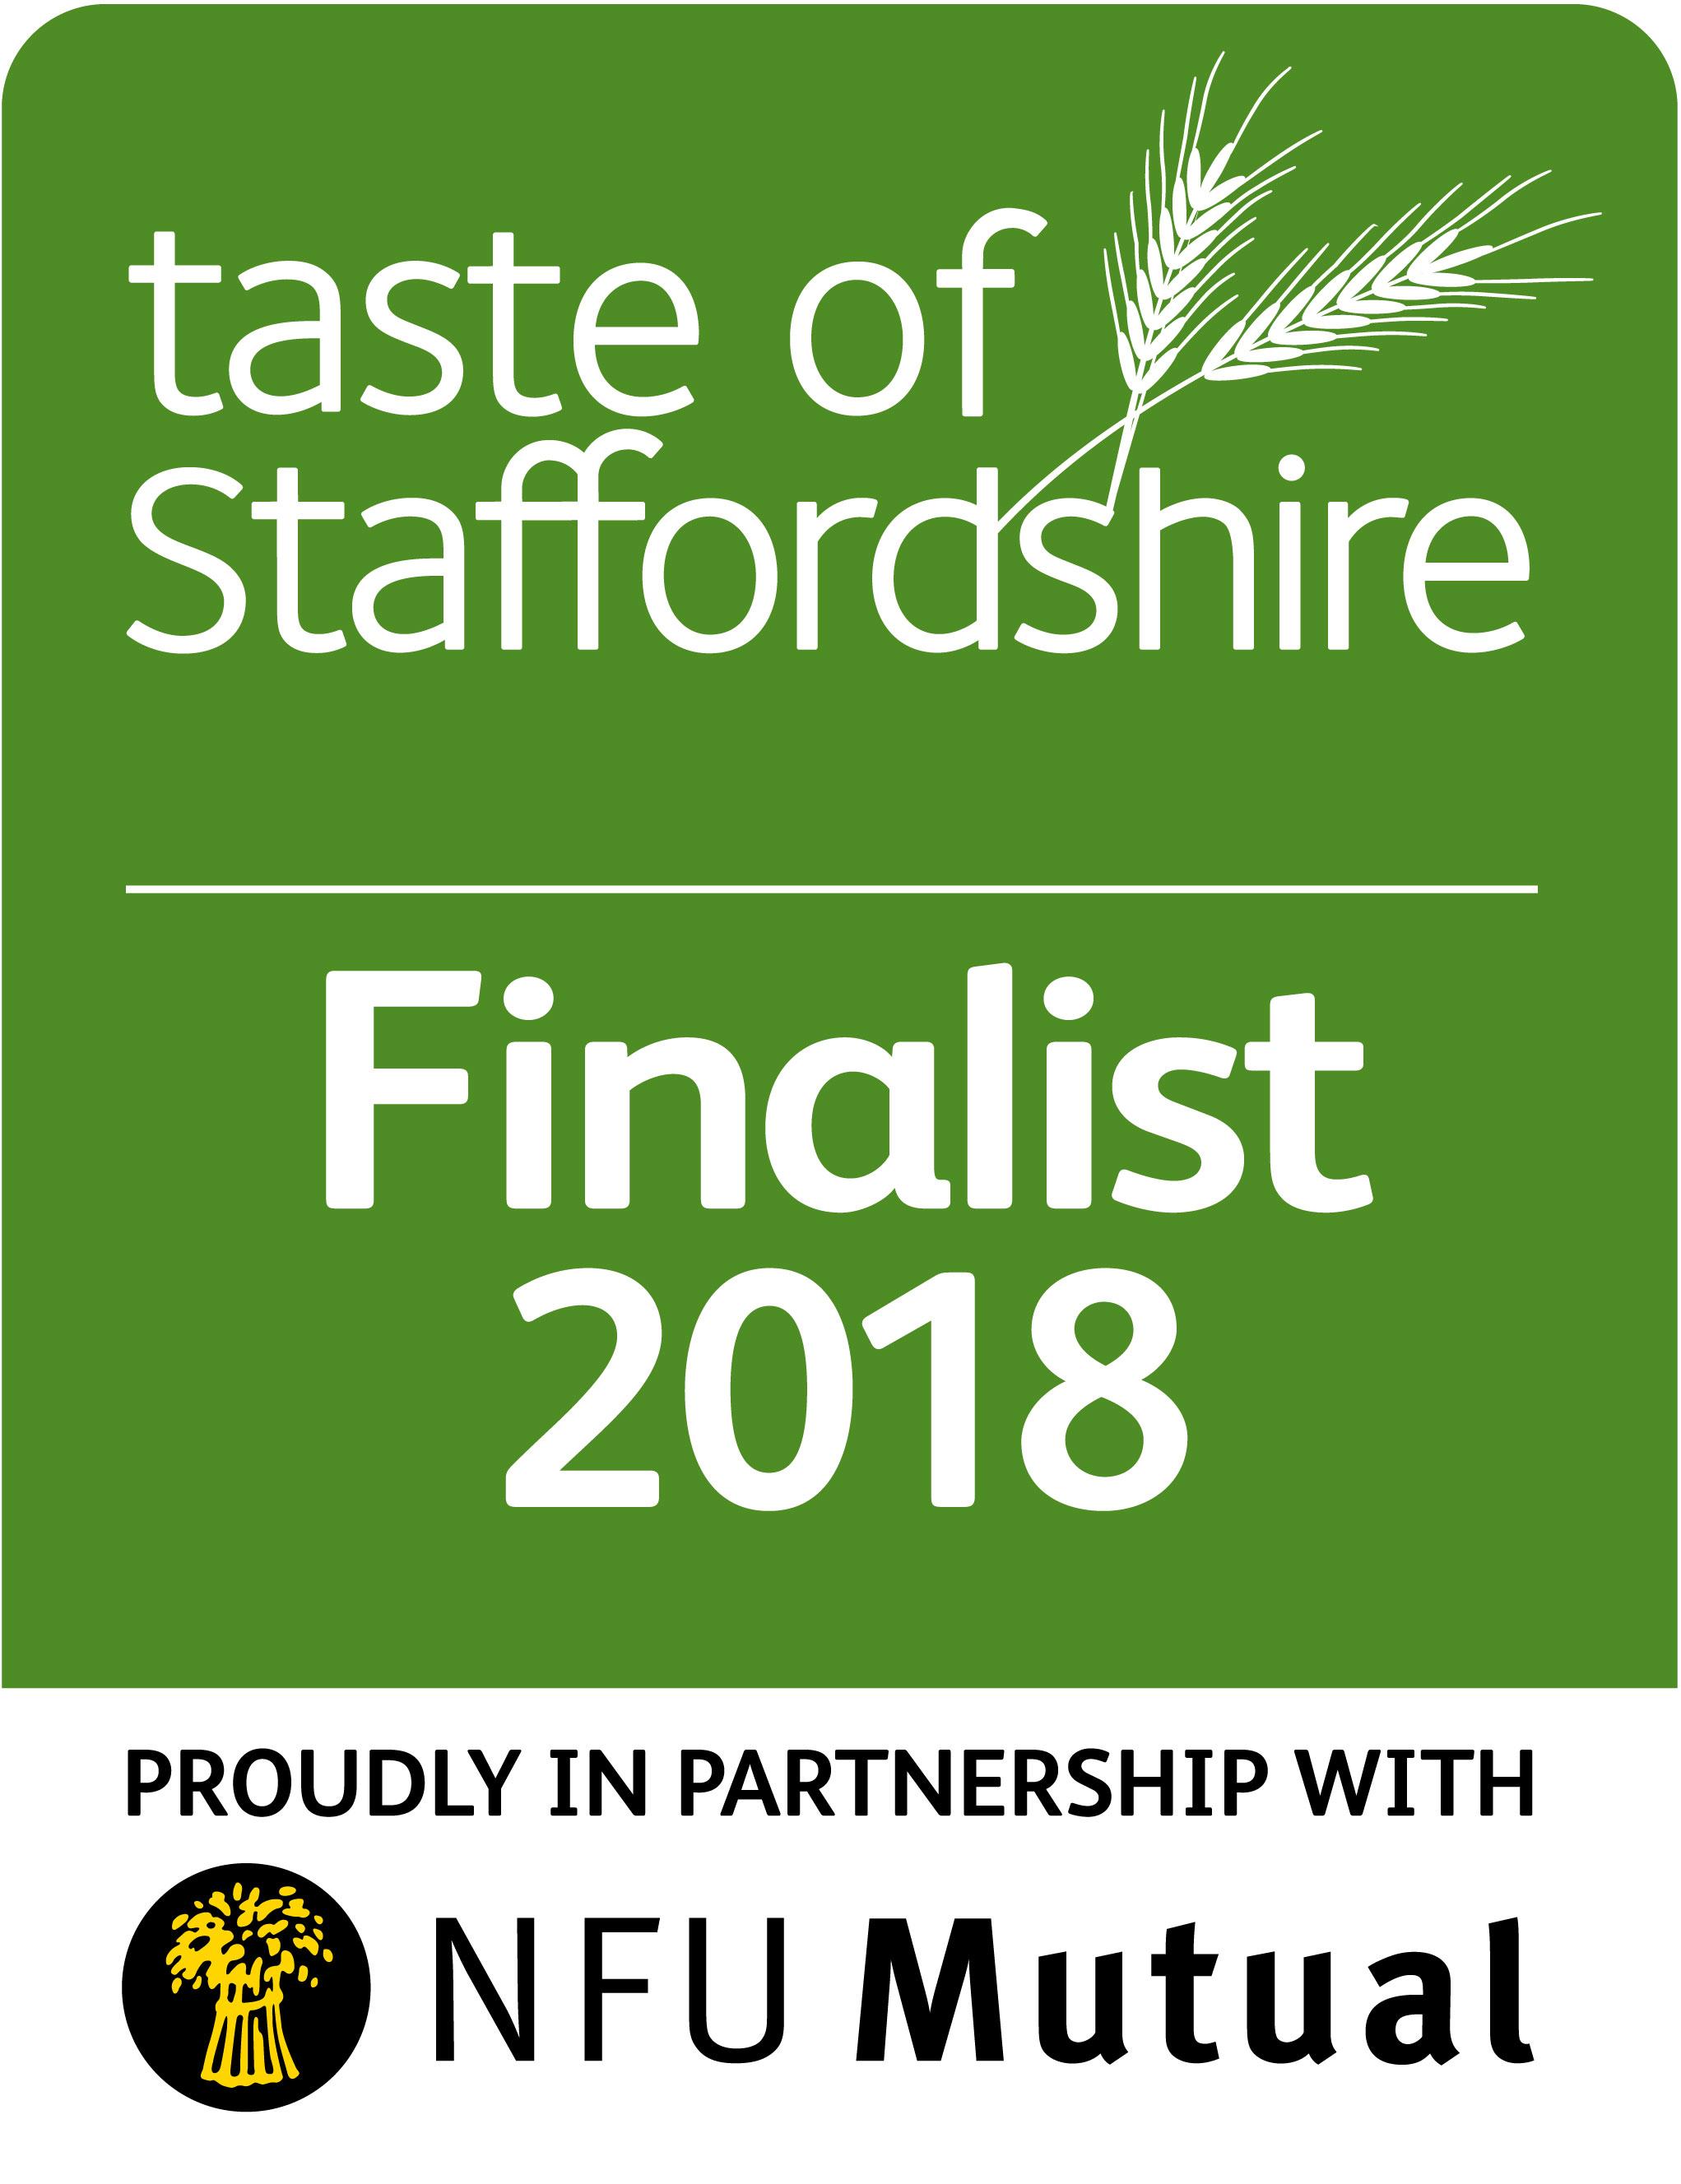 Taste Of Staffordshire Finalist 2018